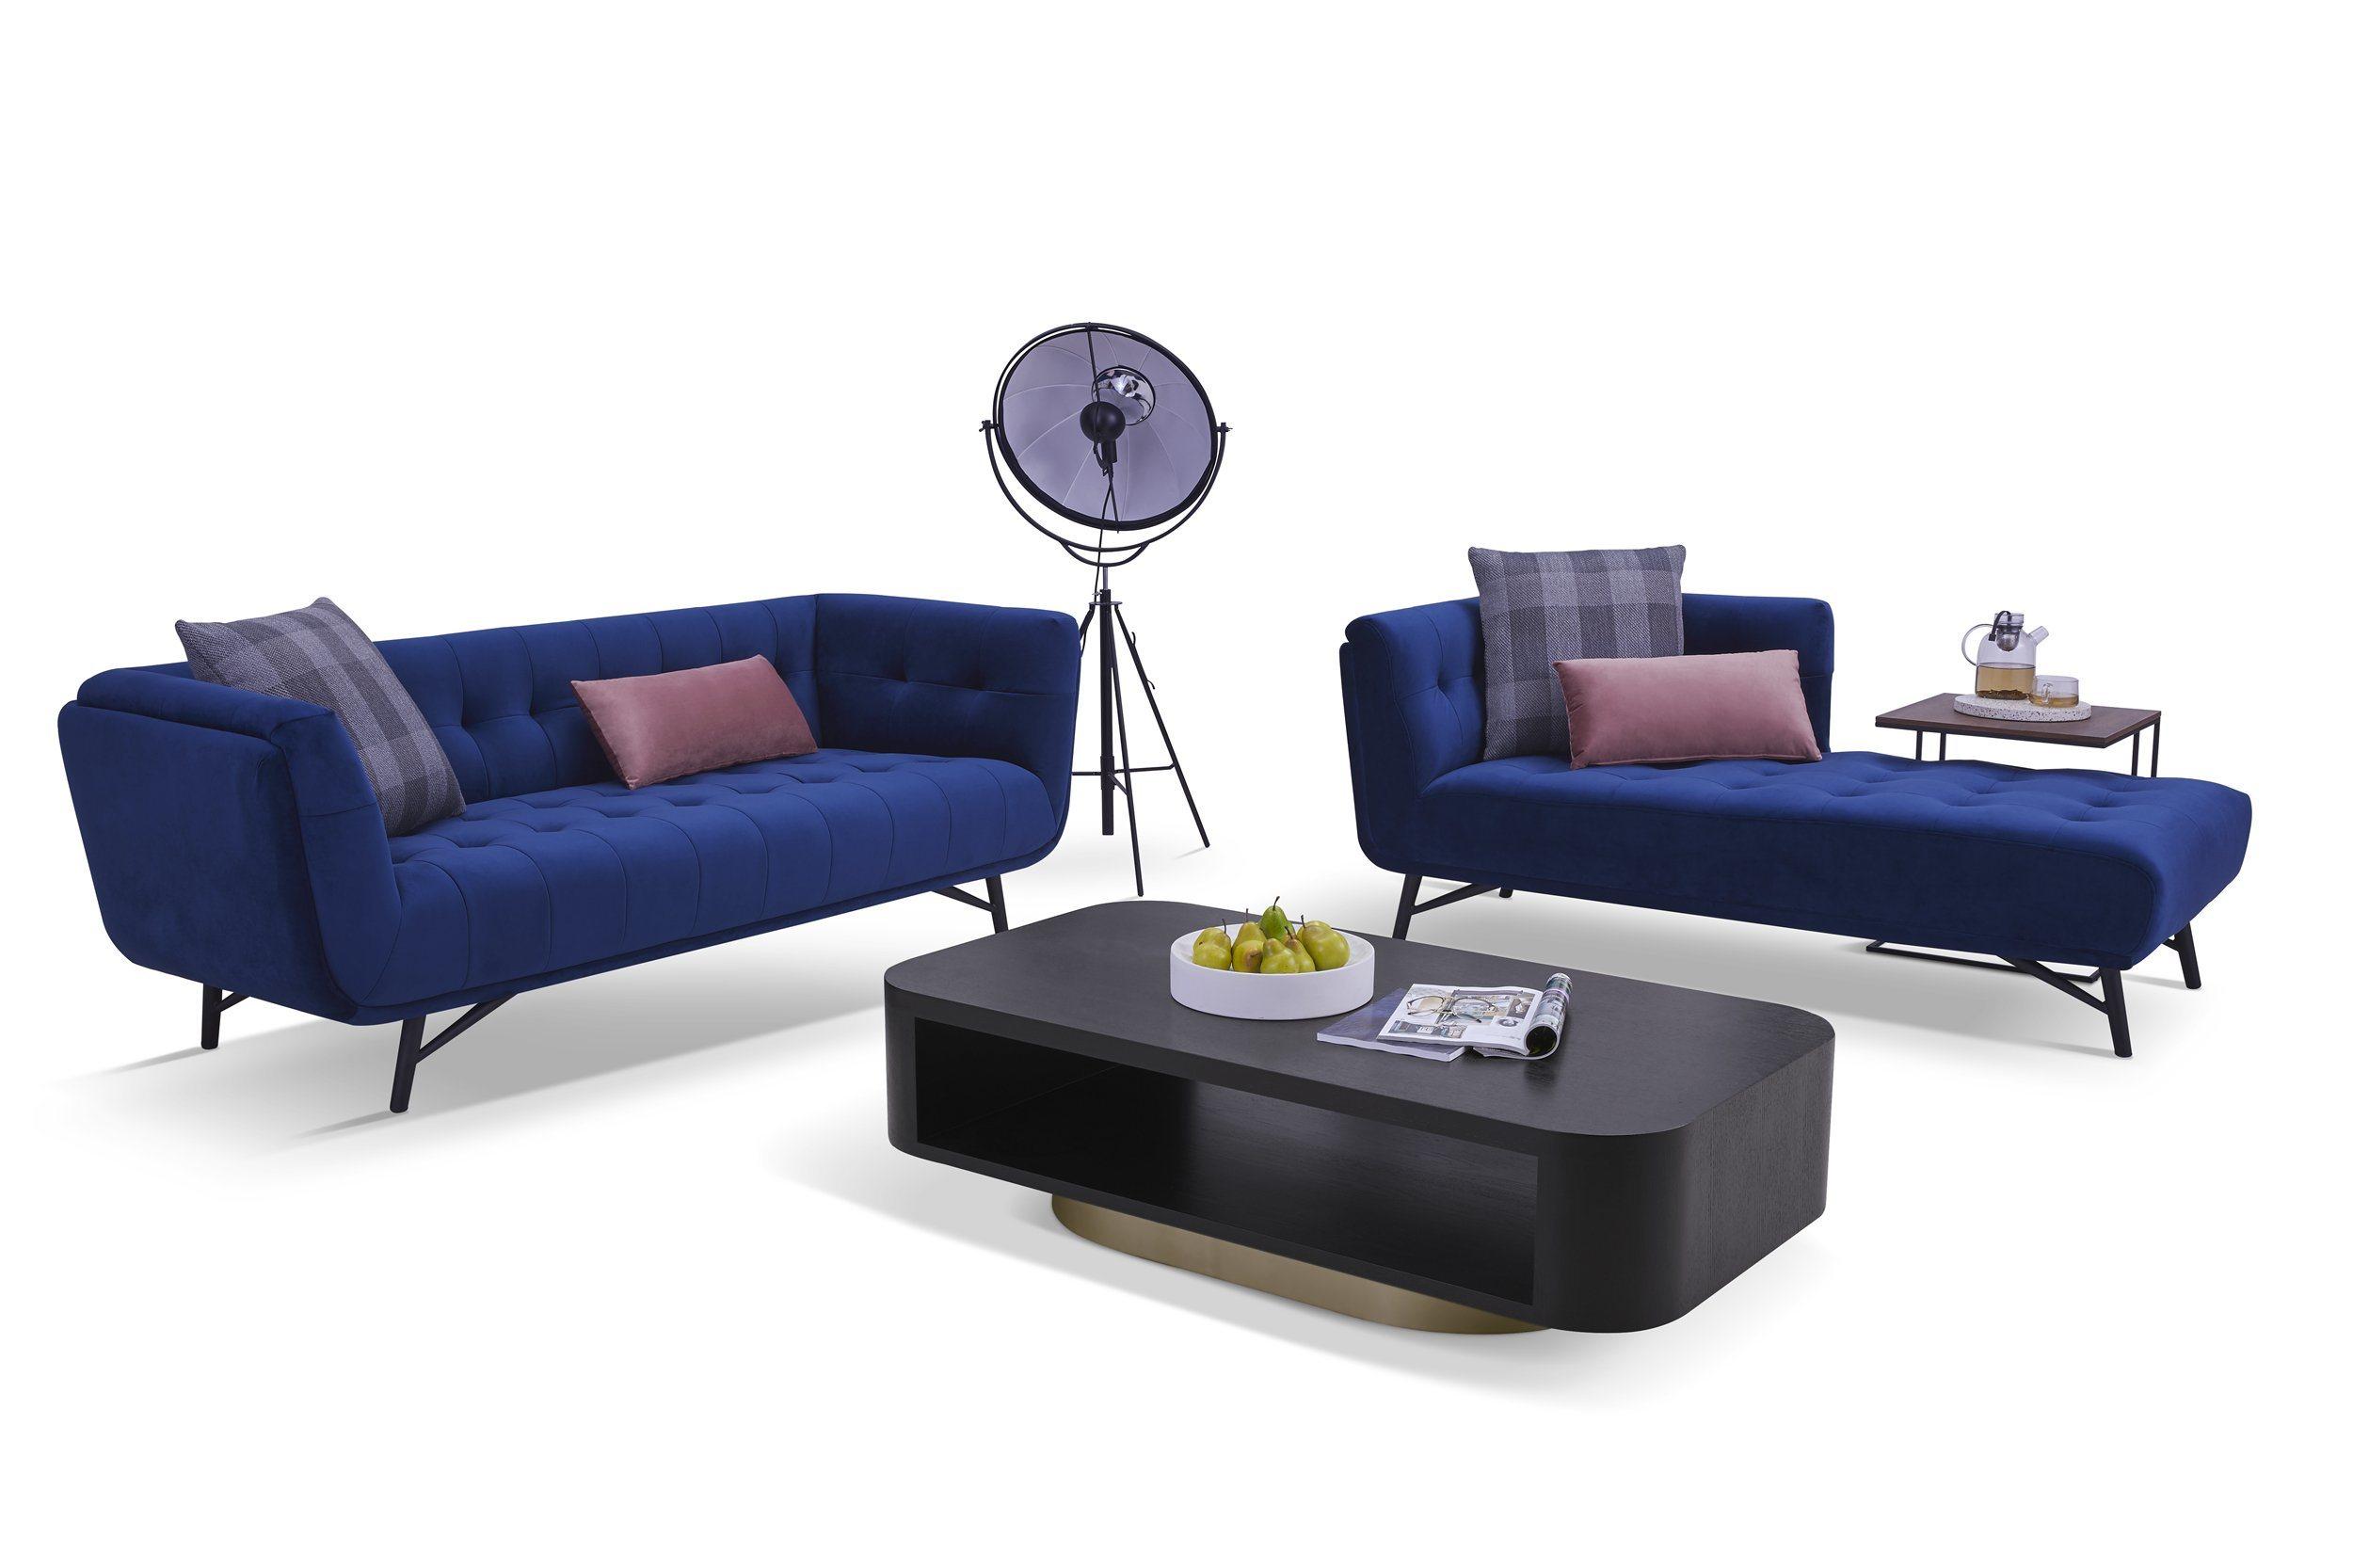 Blue Color Living Room Fabric Sofa Set